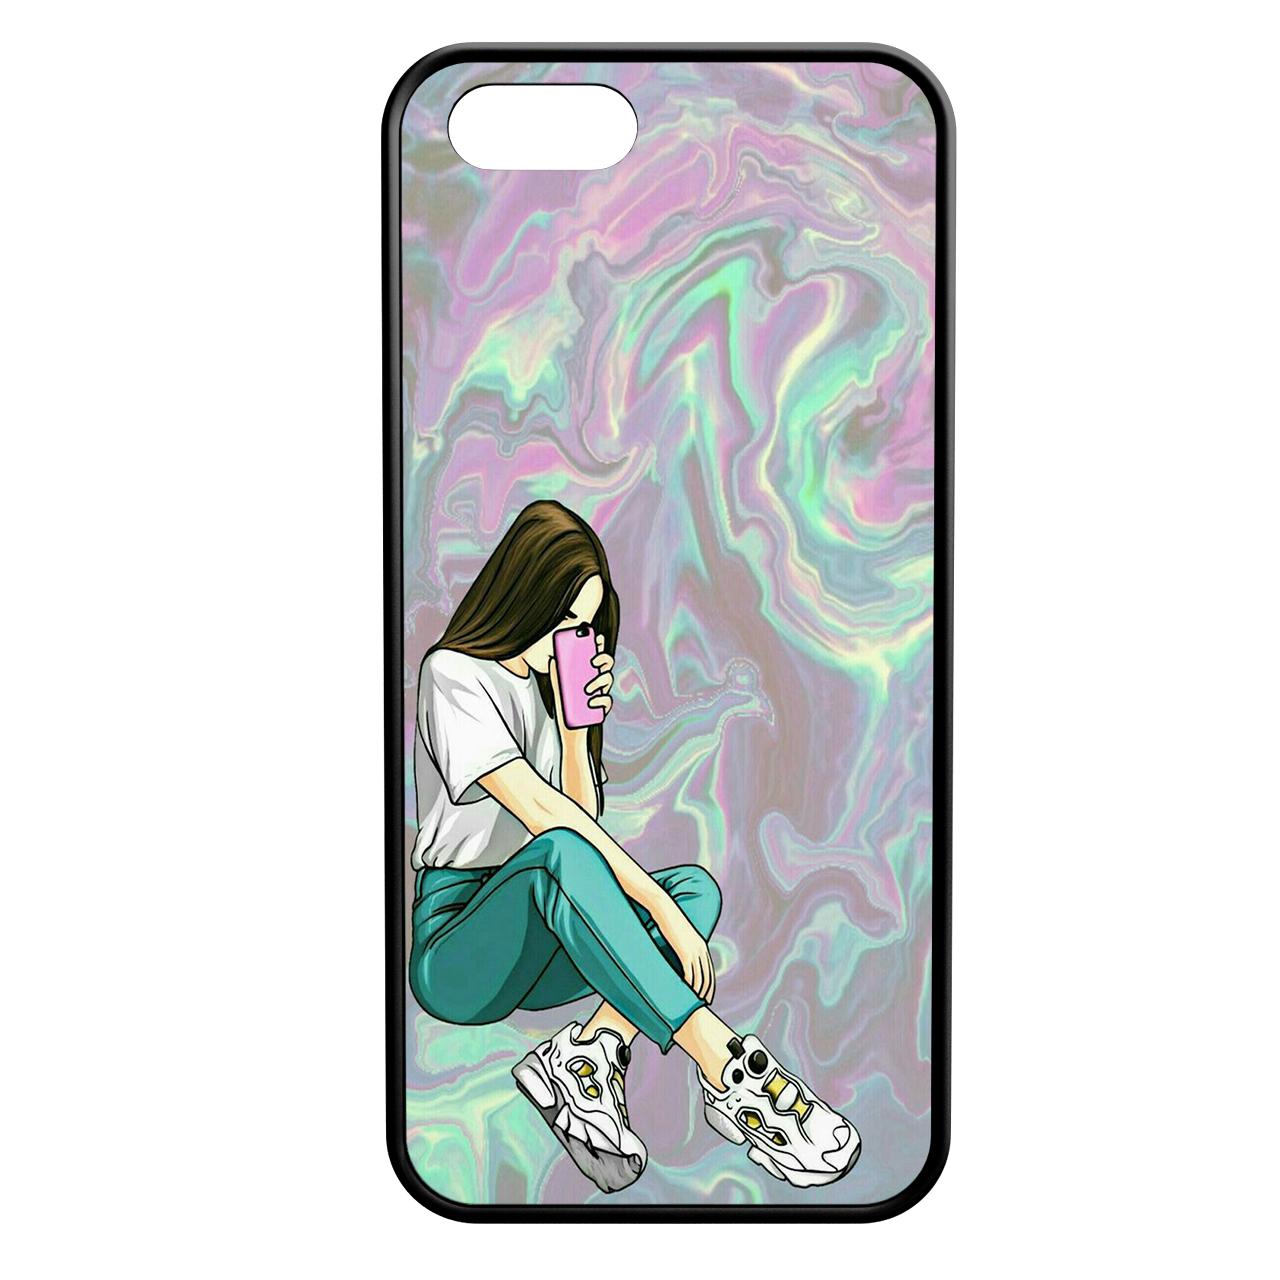 کاور طرح دخترانه کد 8930 مناسب برای گوشی موبایل اپل iphone 5/5s/se